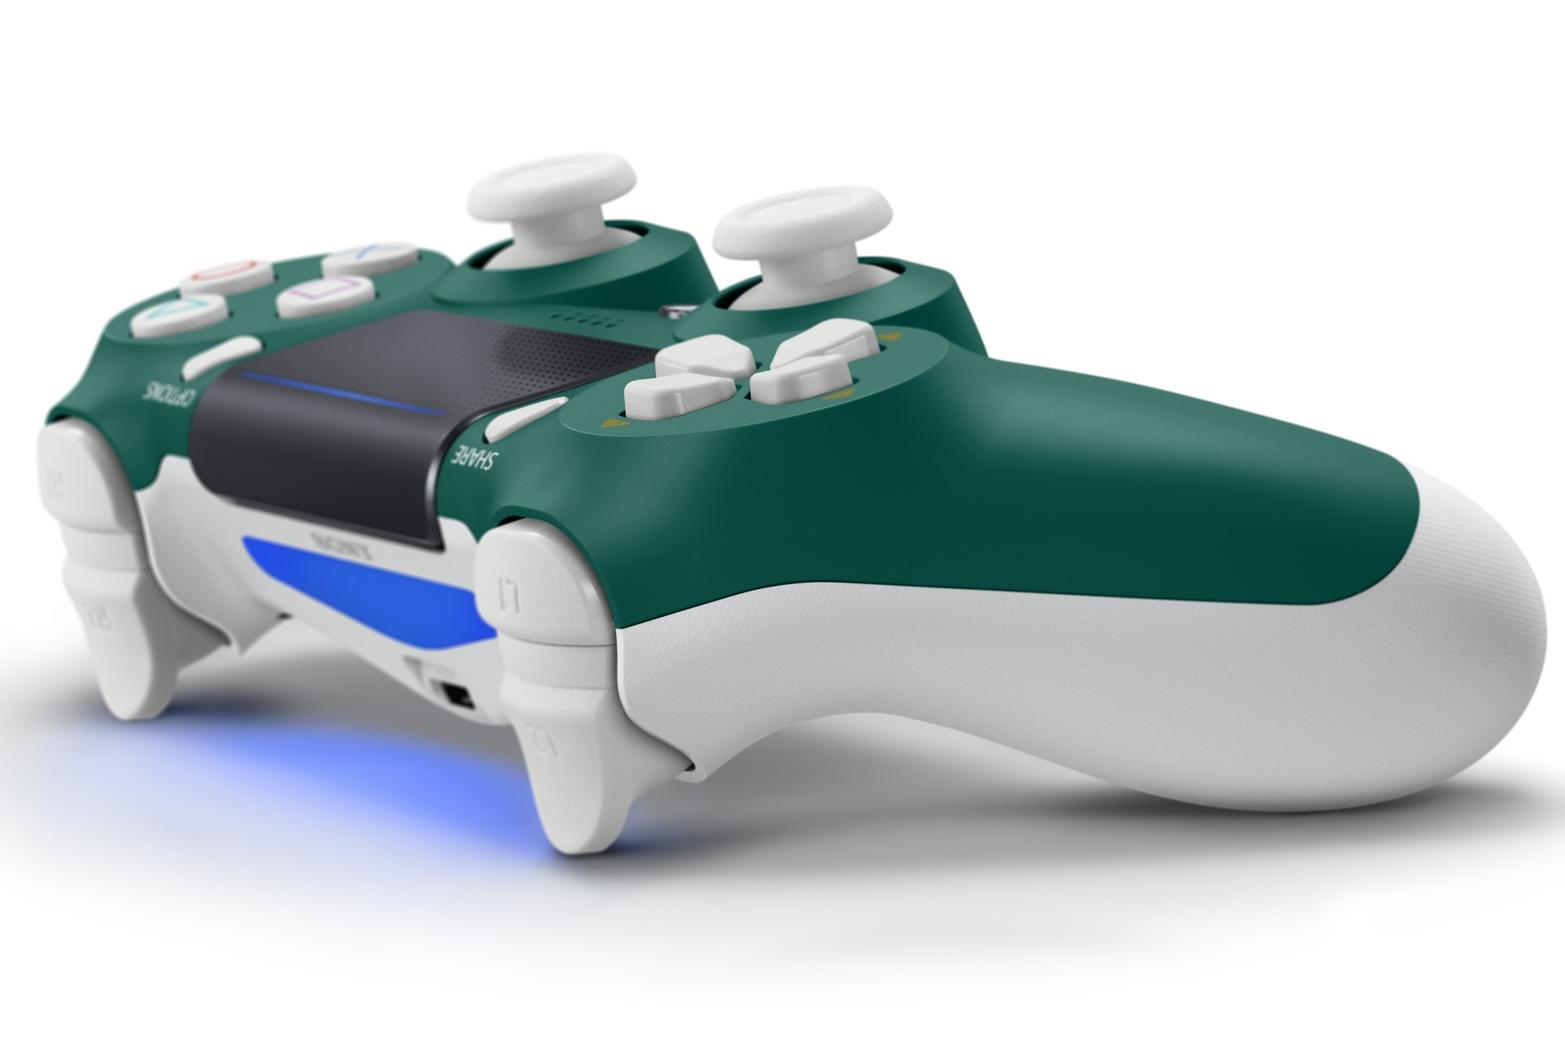 索尼又为PS4手柄带来了新配色 这次是高山绿